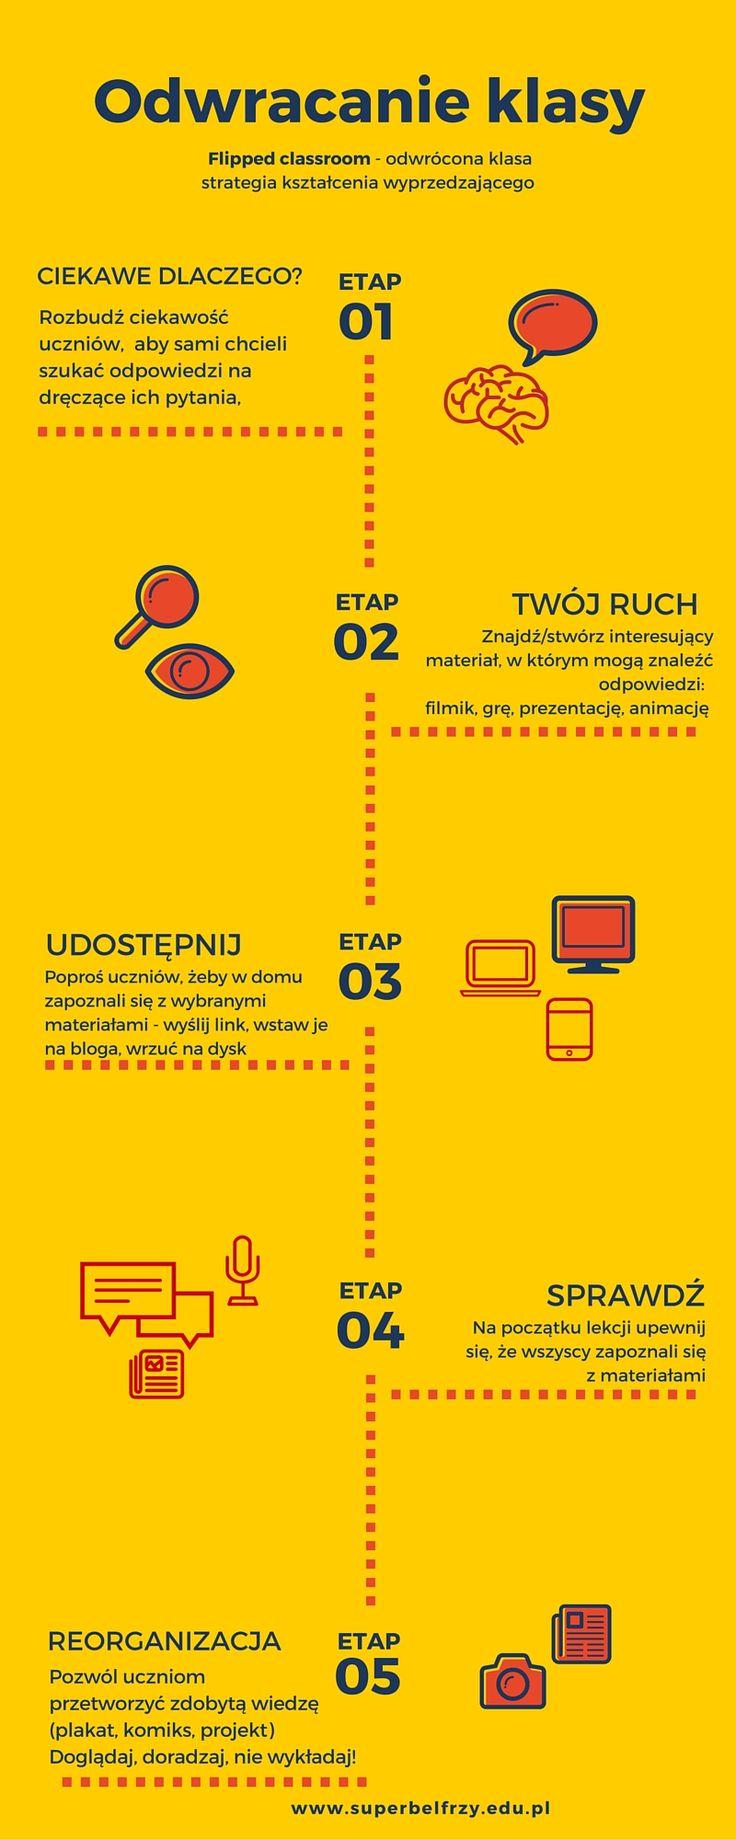 EDUNEWS.PL - portal o nowoczesnej edukacji - Odwrócona klasa od kuchni